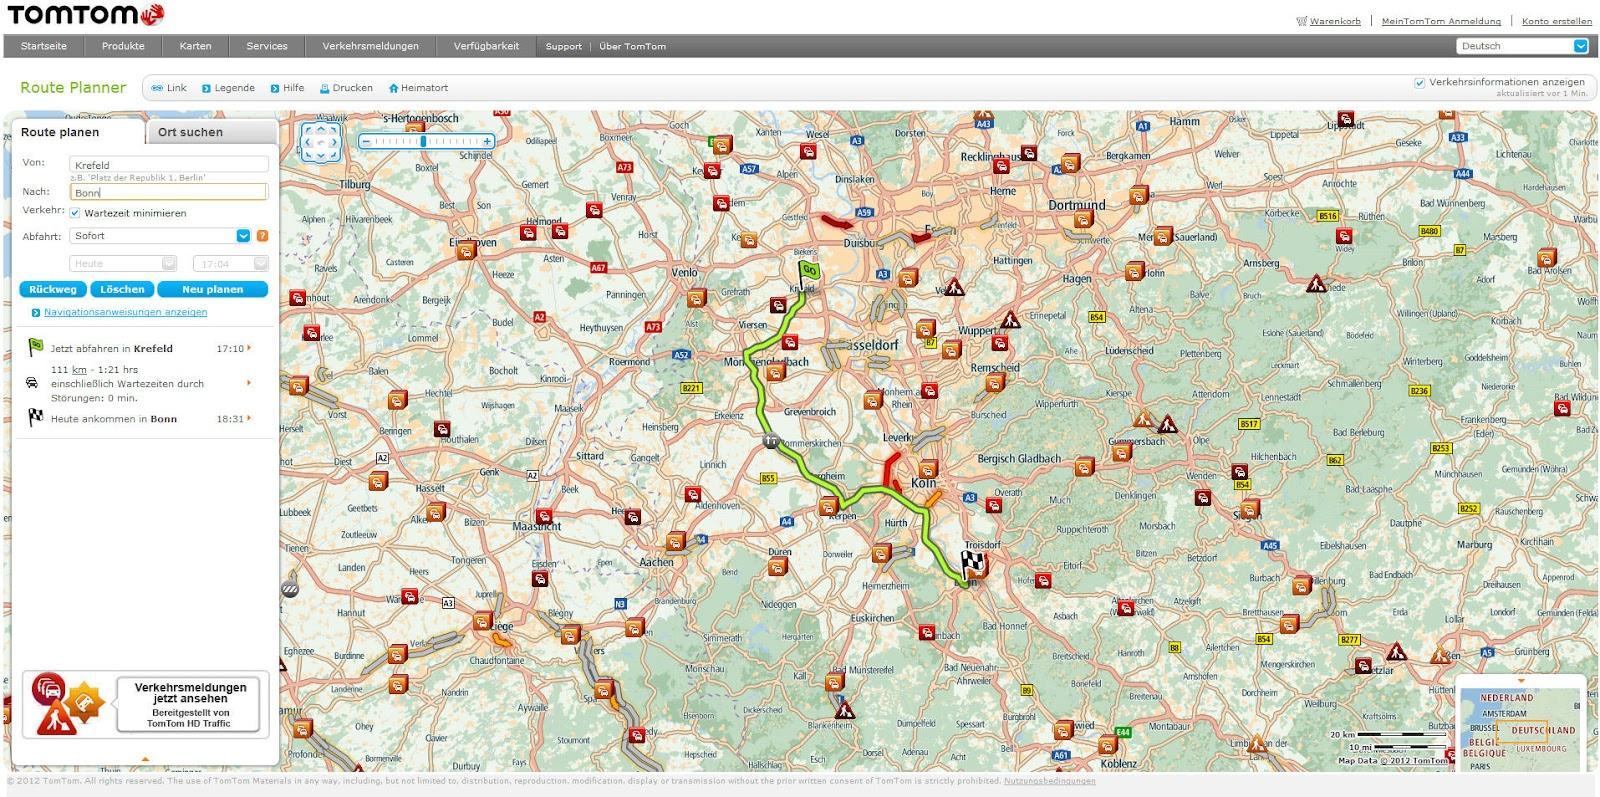 Tom Tom Route Planner >> Landkartenblog: Routenplaner Test 2012 (9) - Der Testsieger TomTom Route Planner